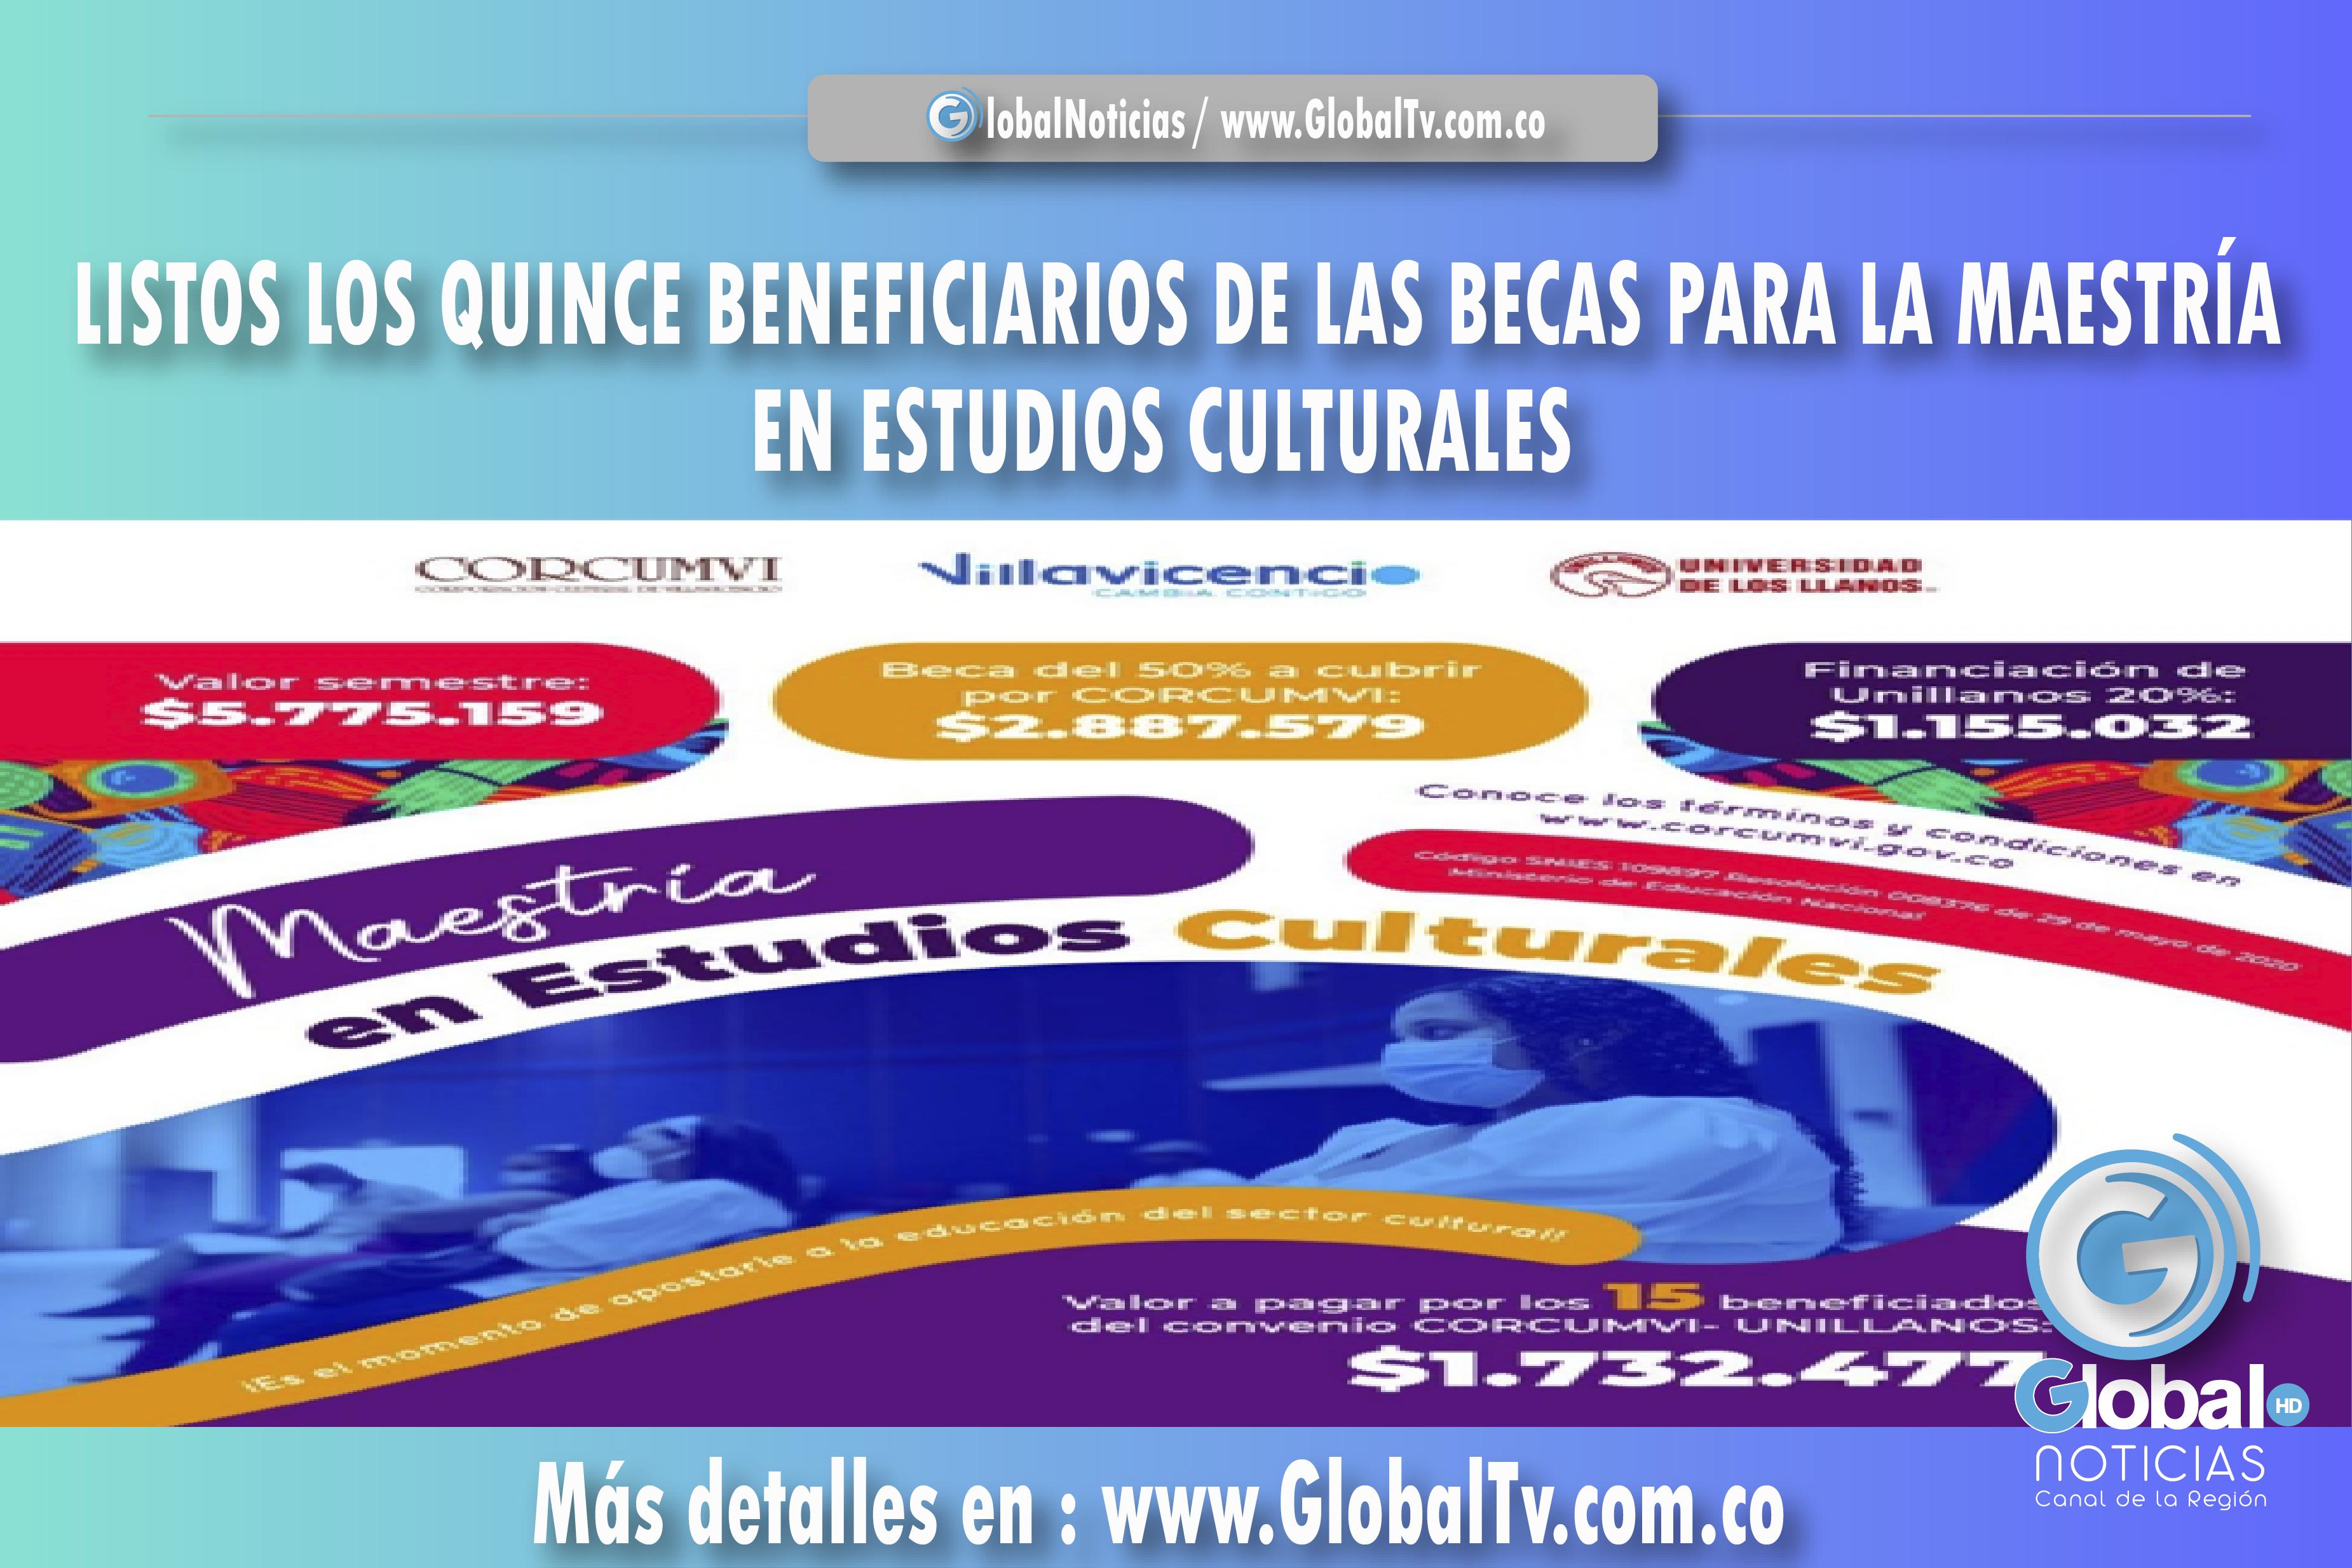 LISTOS LOS QUINCE BENEFICIARIOS DE LAS BECAS PARA LA MAESTRÍA EN ESTUDIOS CULTURALES